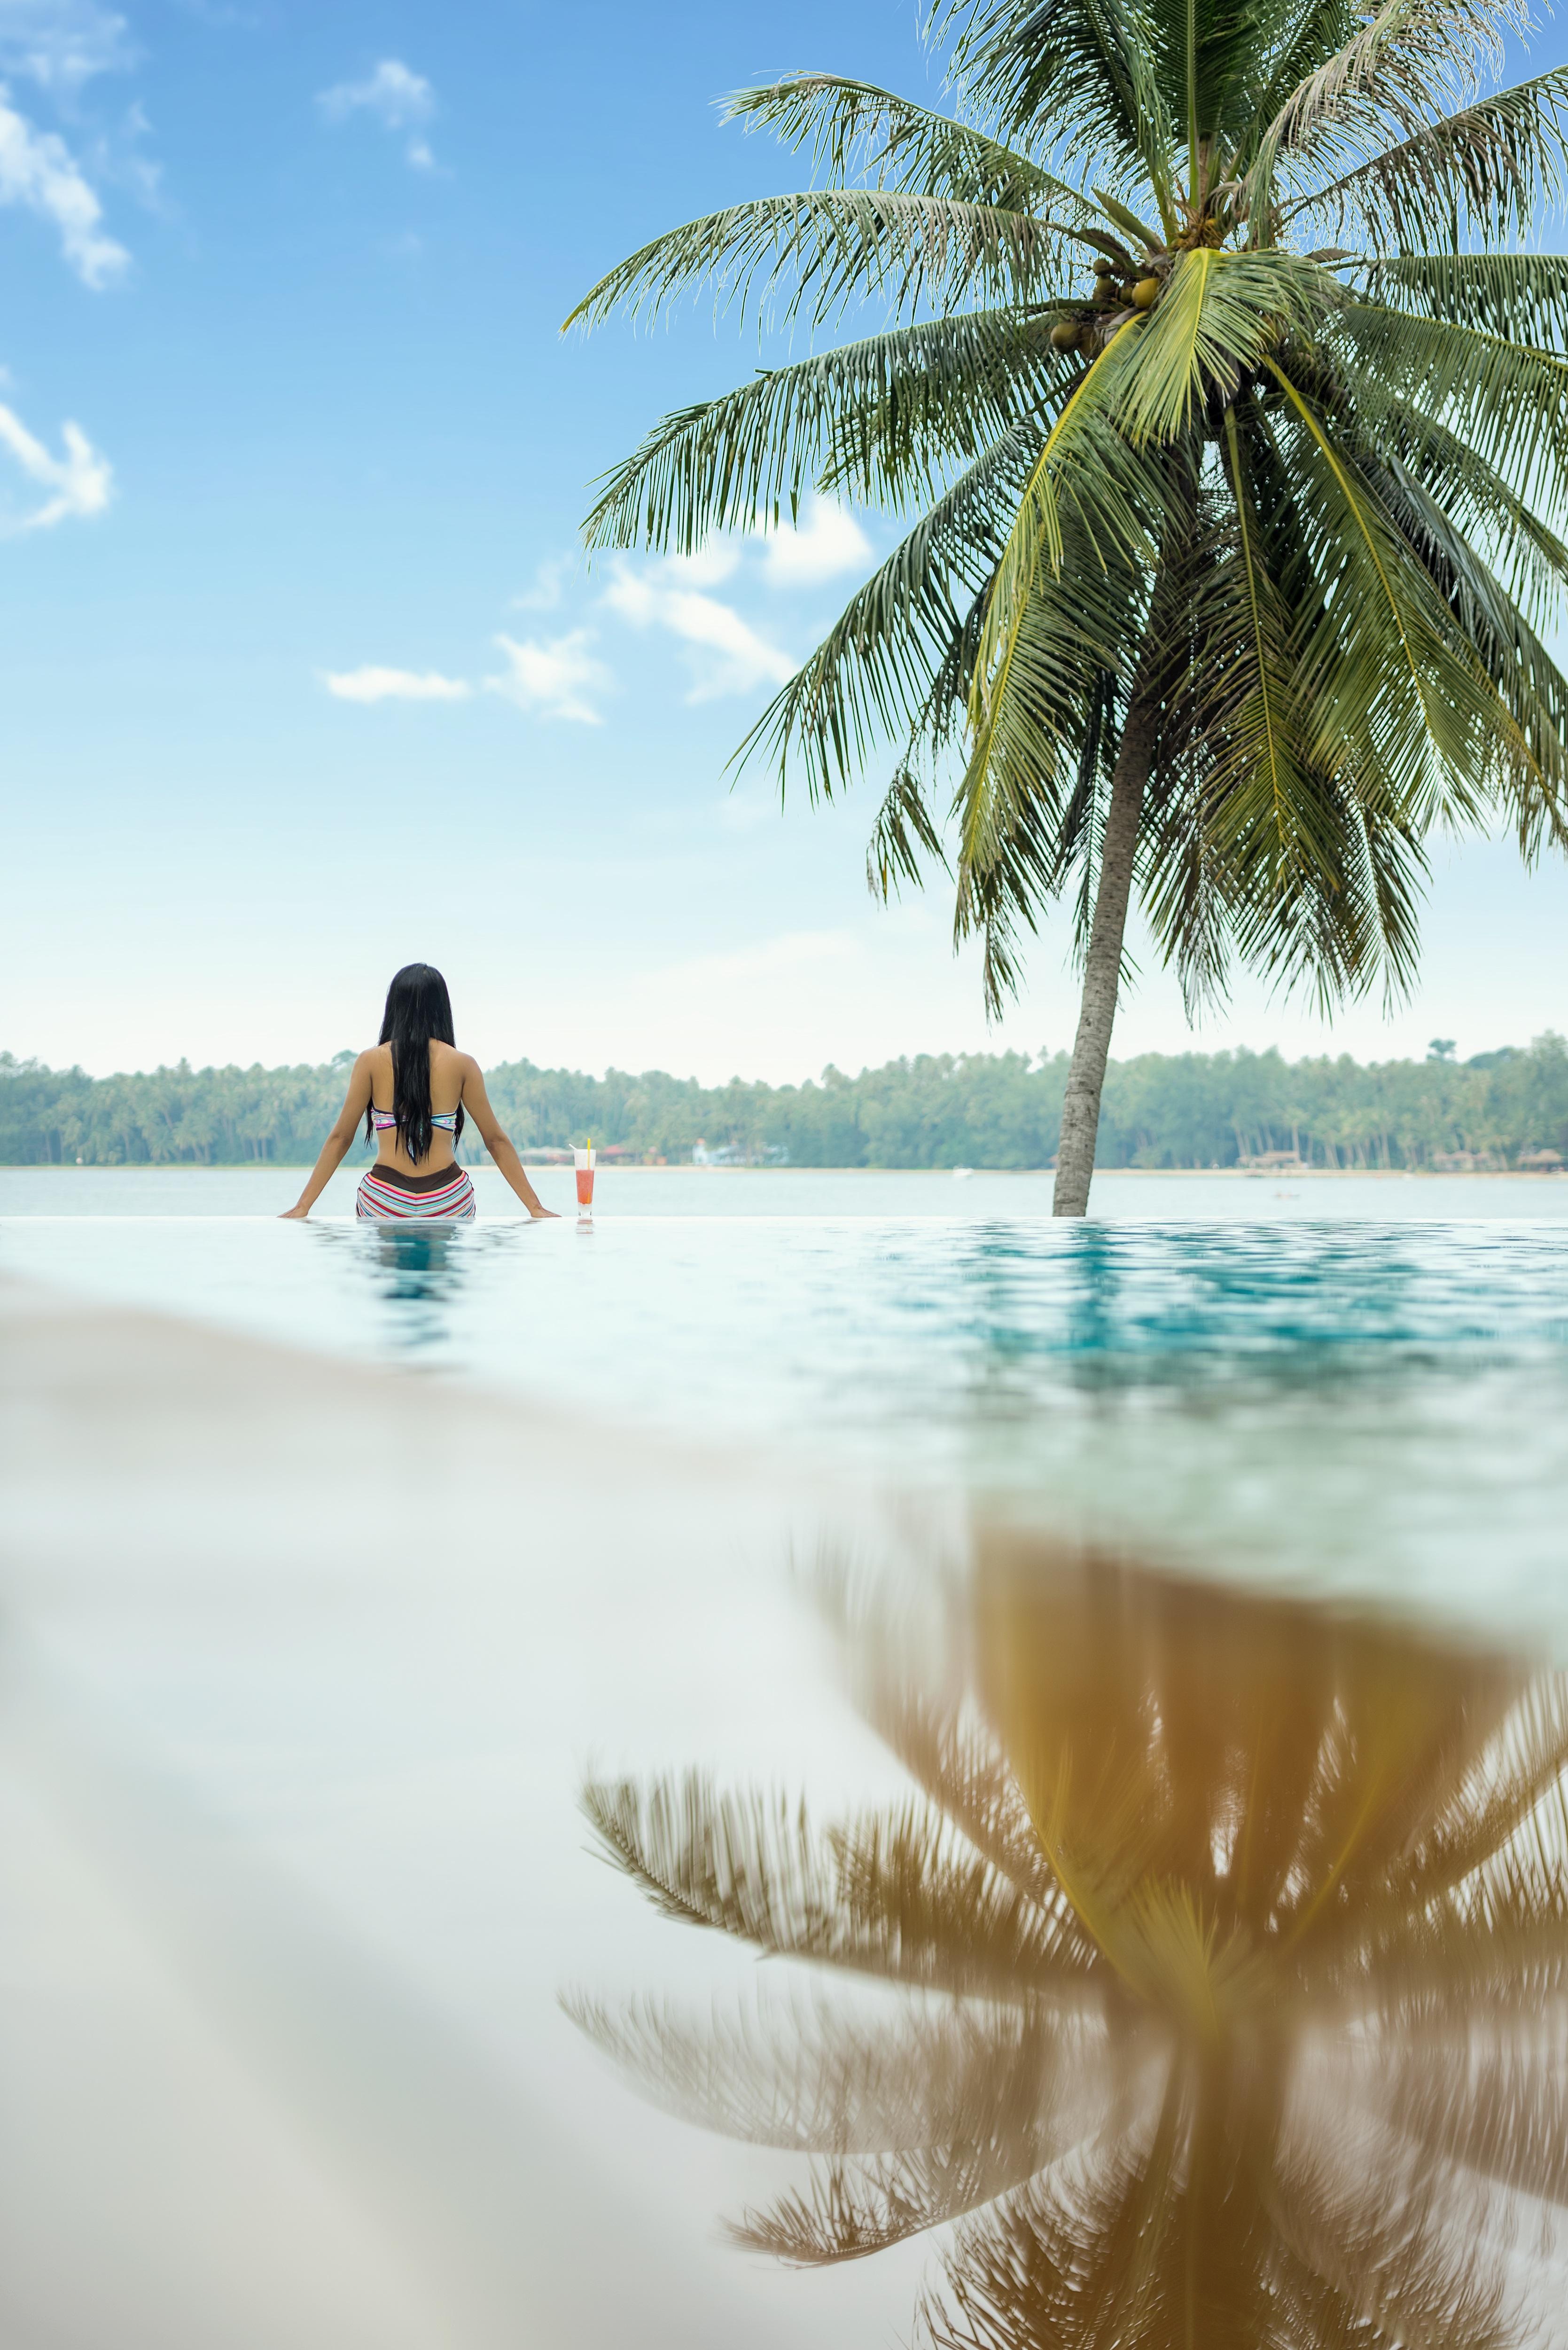 Fotos gratis : playa, mar, árbol, arena, Oceano, gente ...